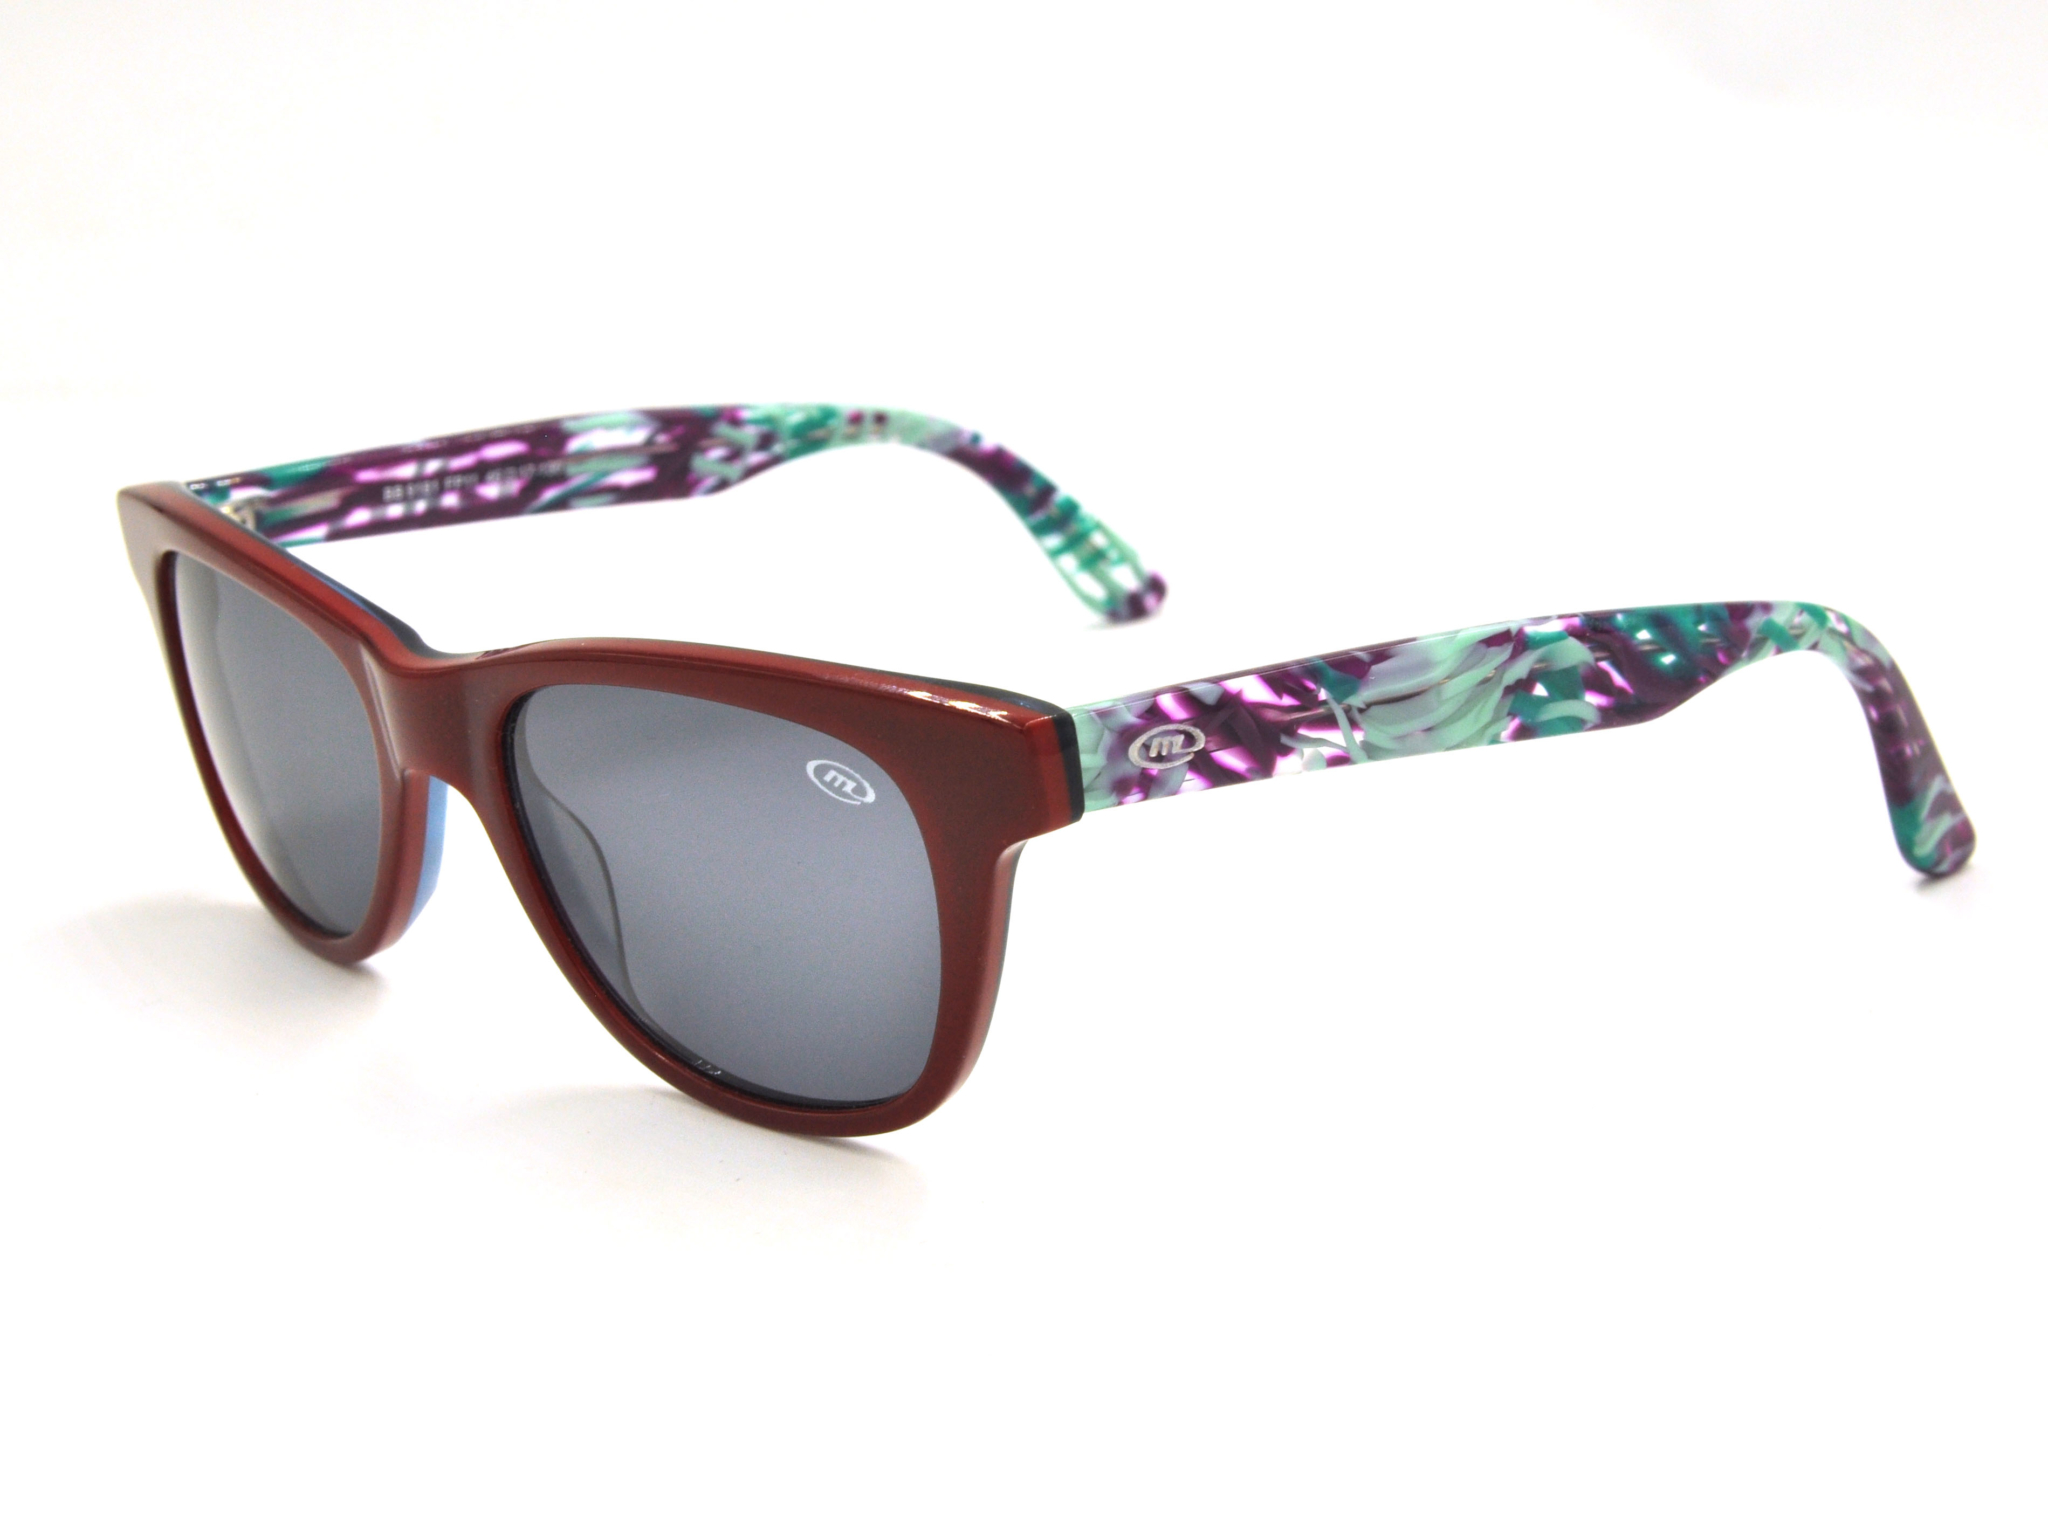 MORITZ JUNIOR BB9181 FP11 Sunglasses 2020